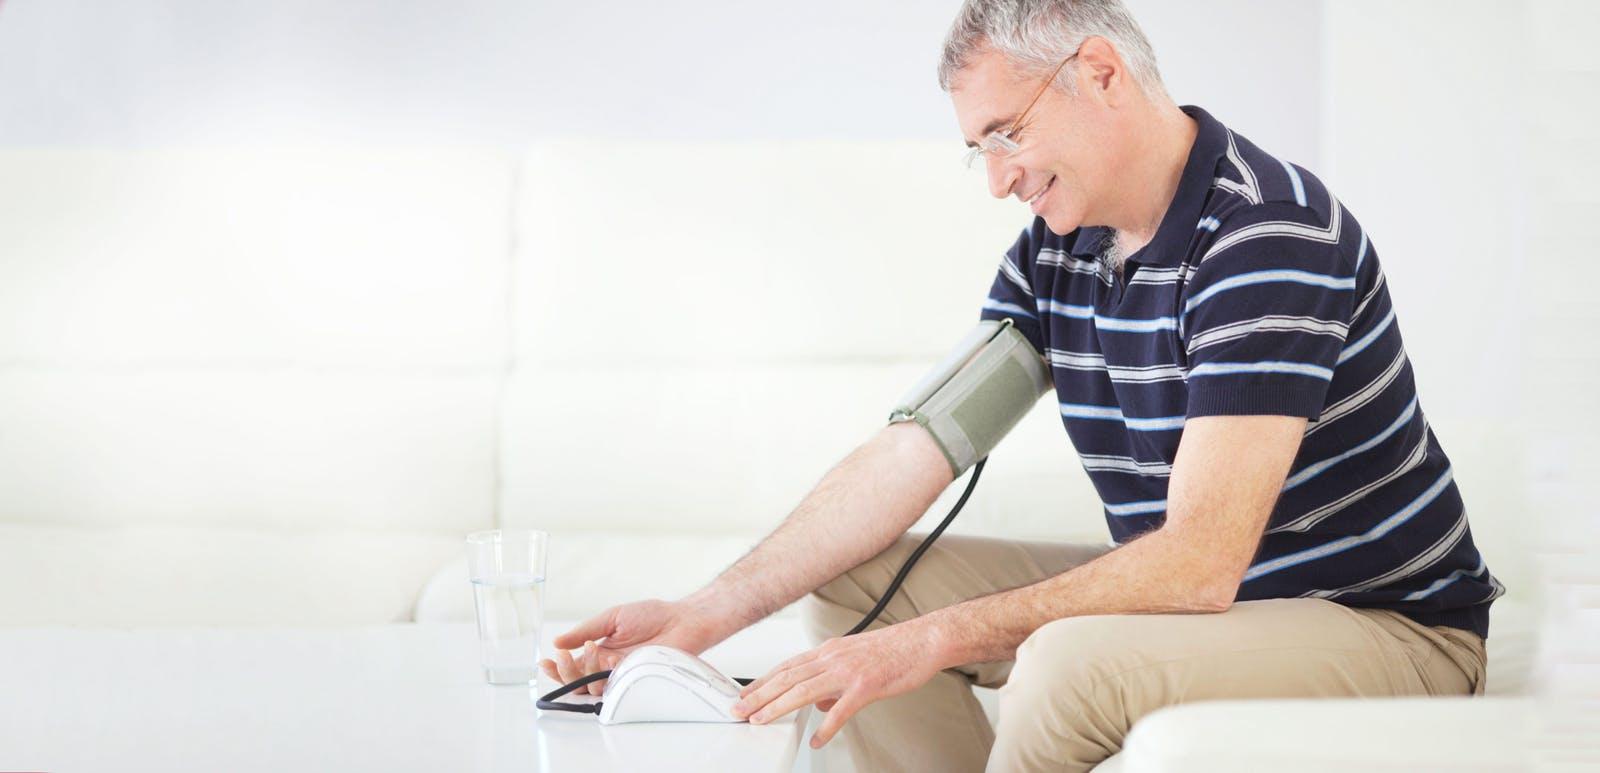 اسباب ارتفاع ضغط الدم وكيف تتعرف على اعراضه